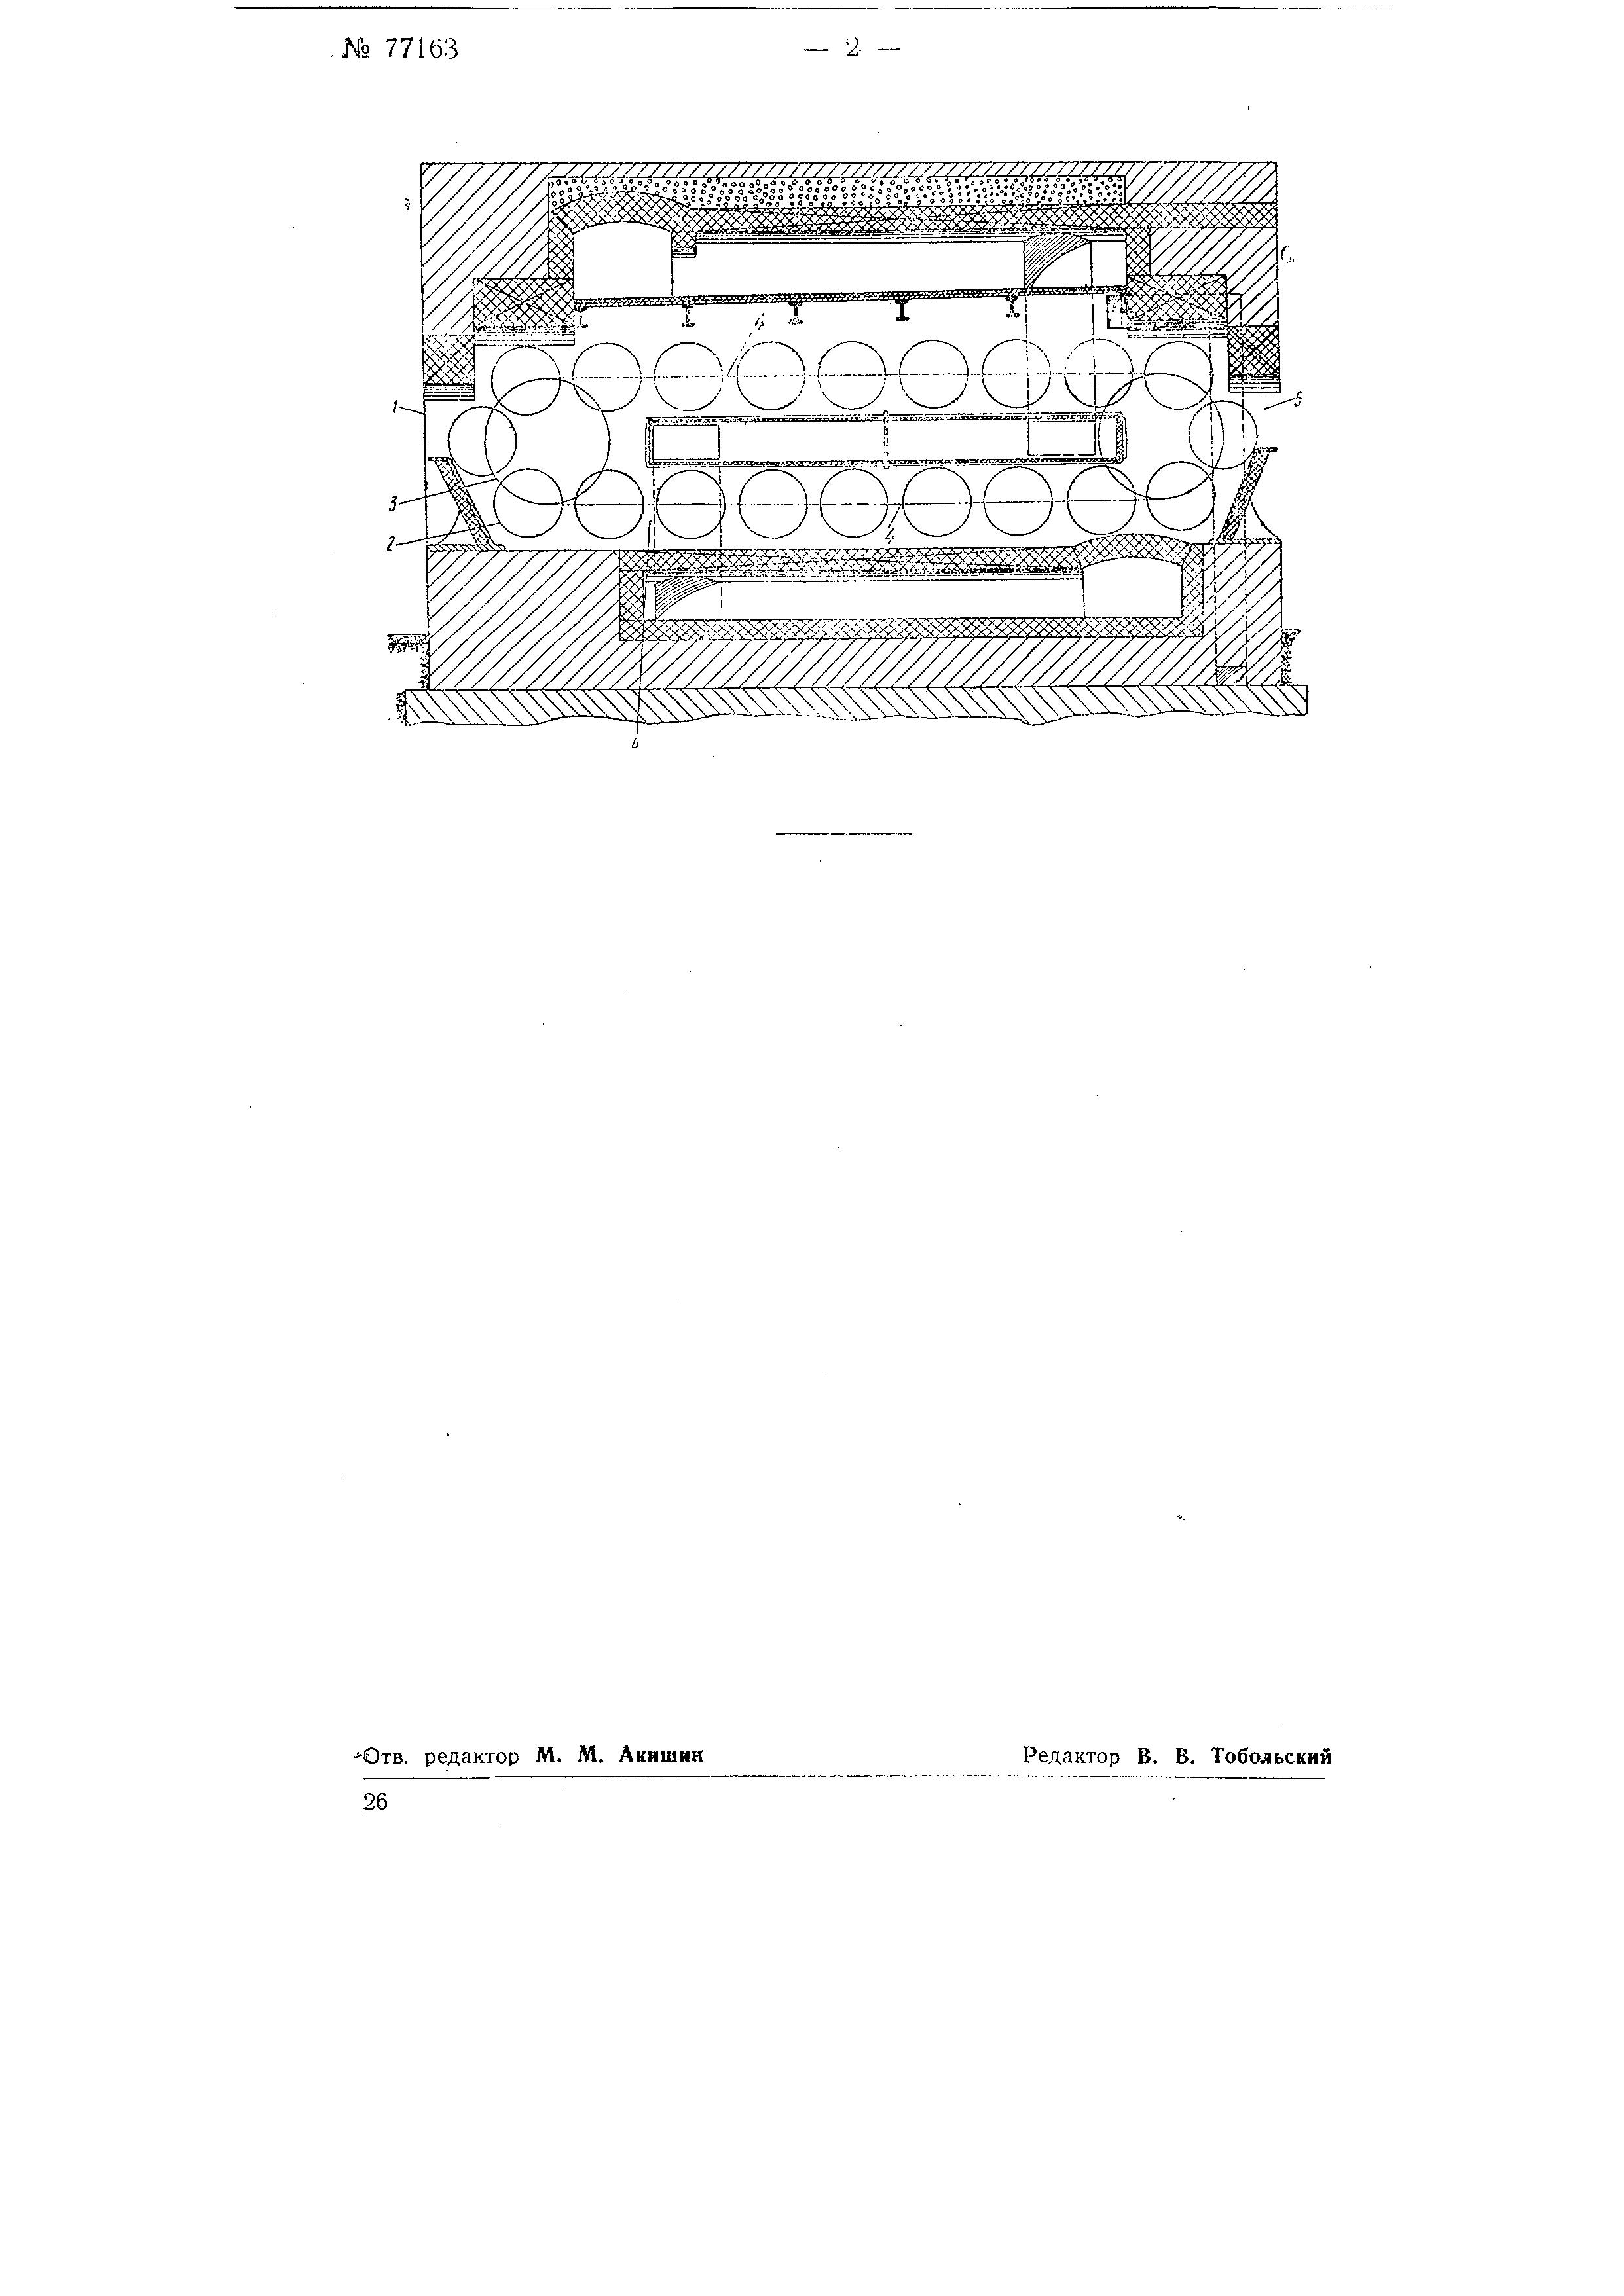 чертеж печи для выпечки лаваша